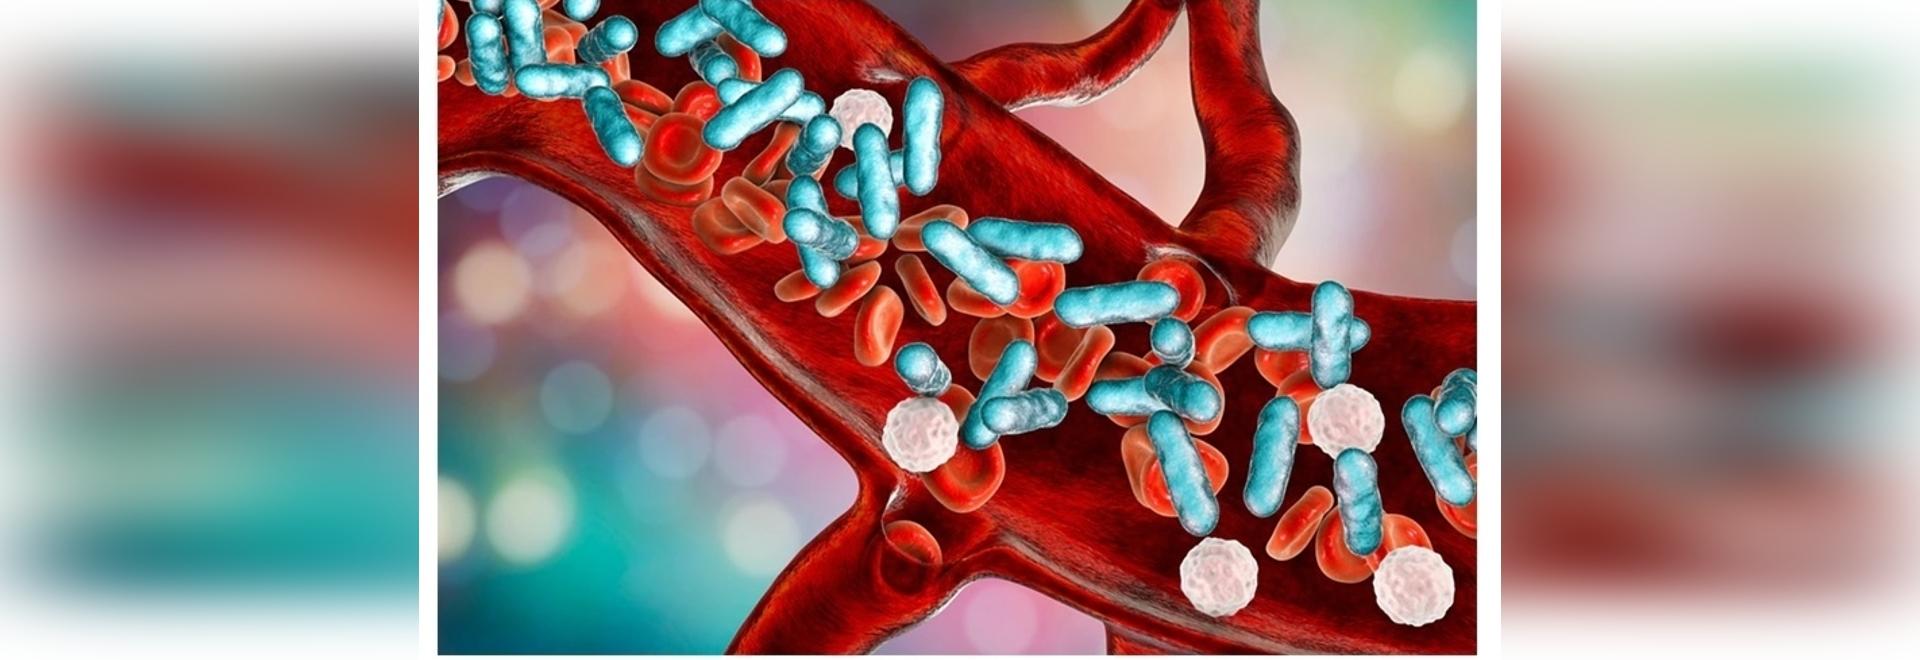 Vaccino basato su biomateriali contro le infezioni batteriche